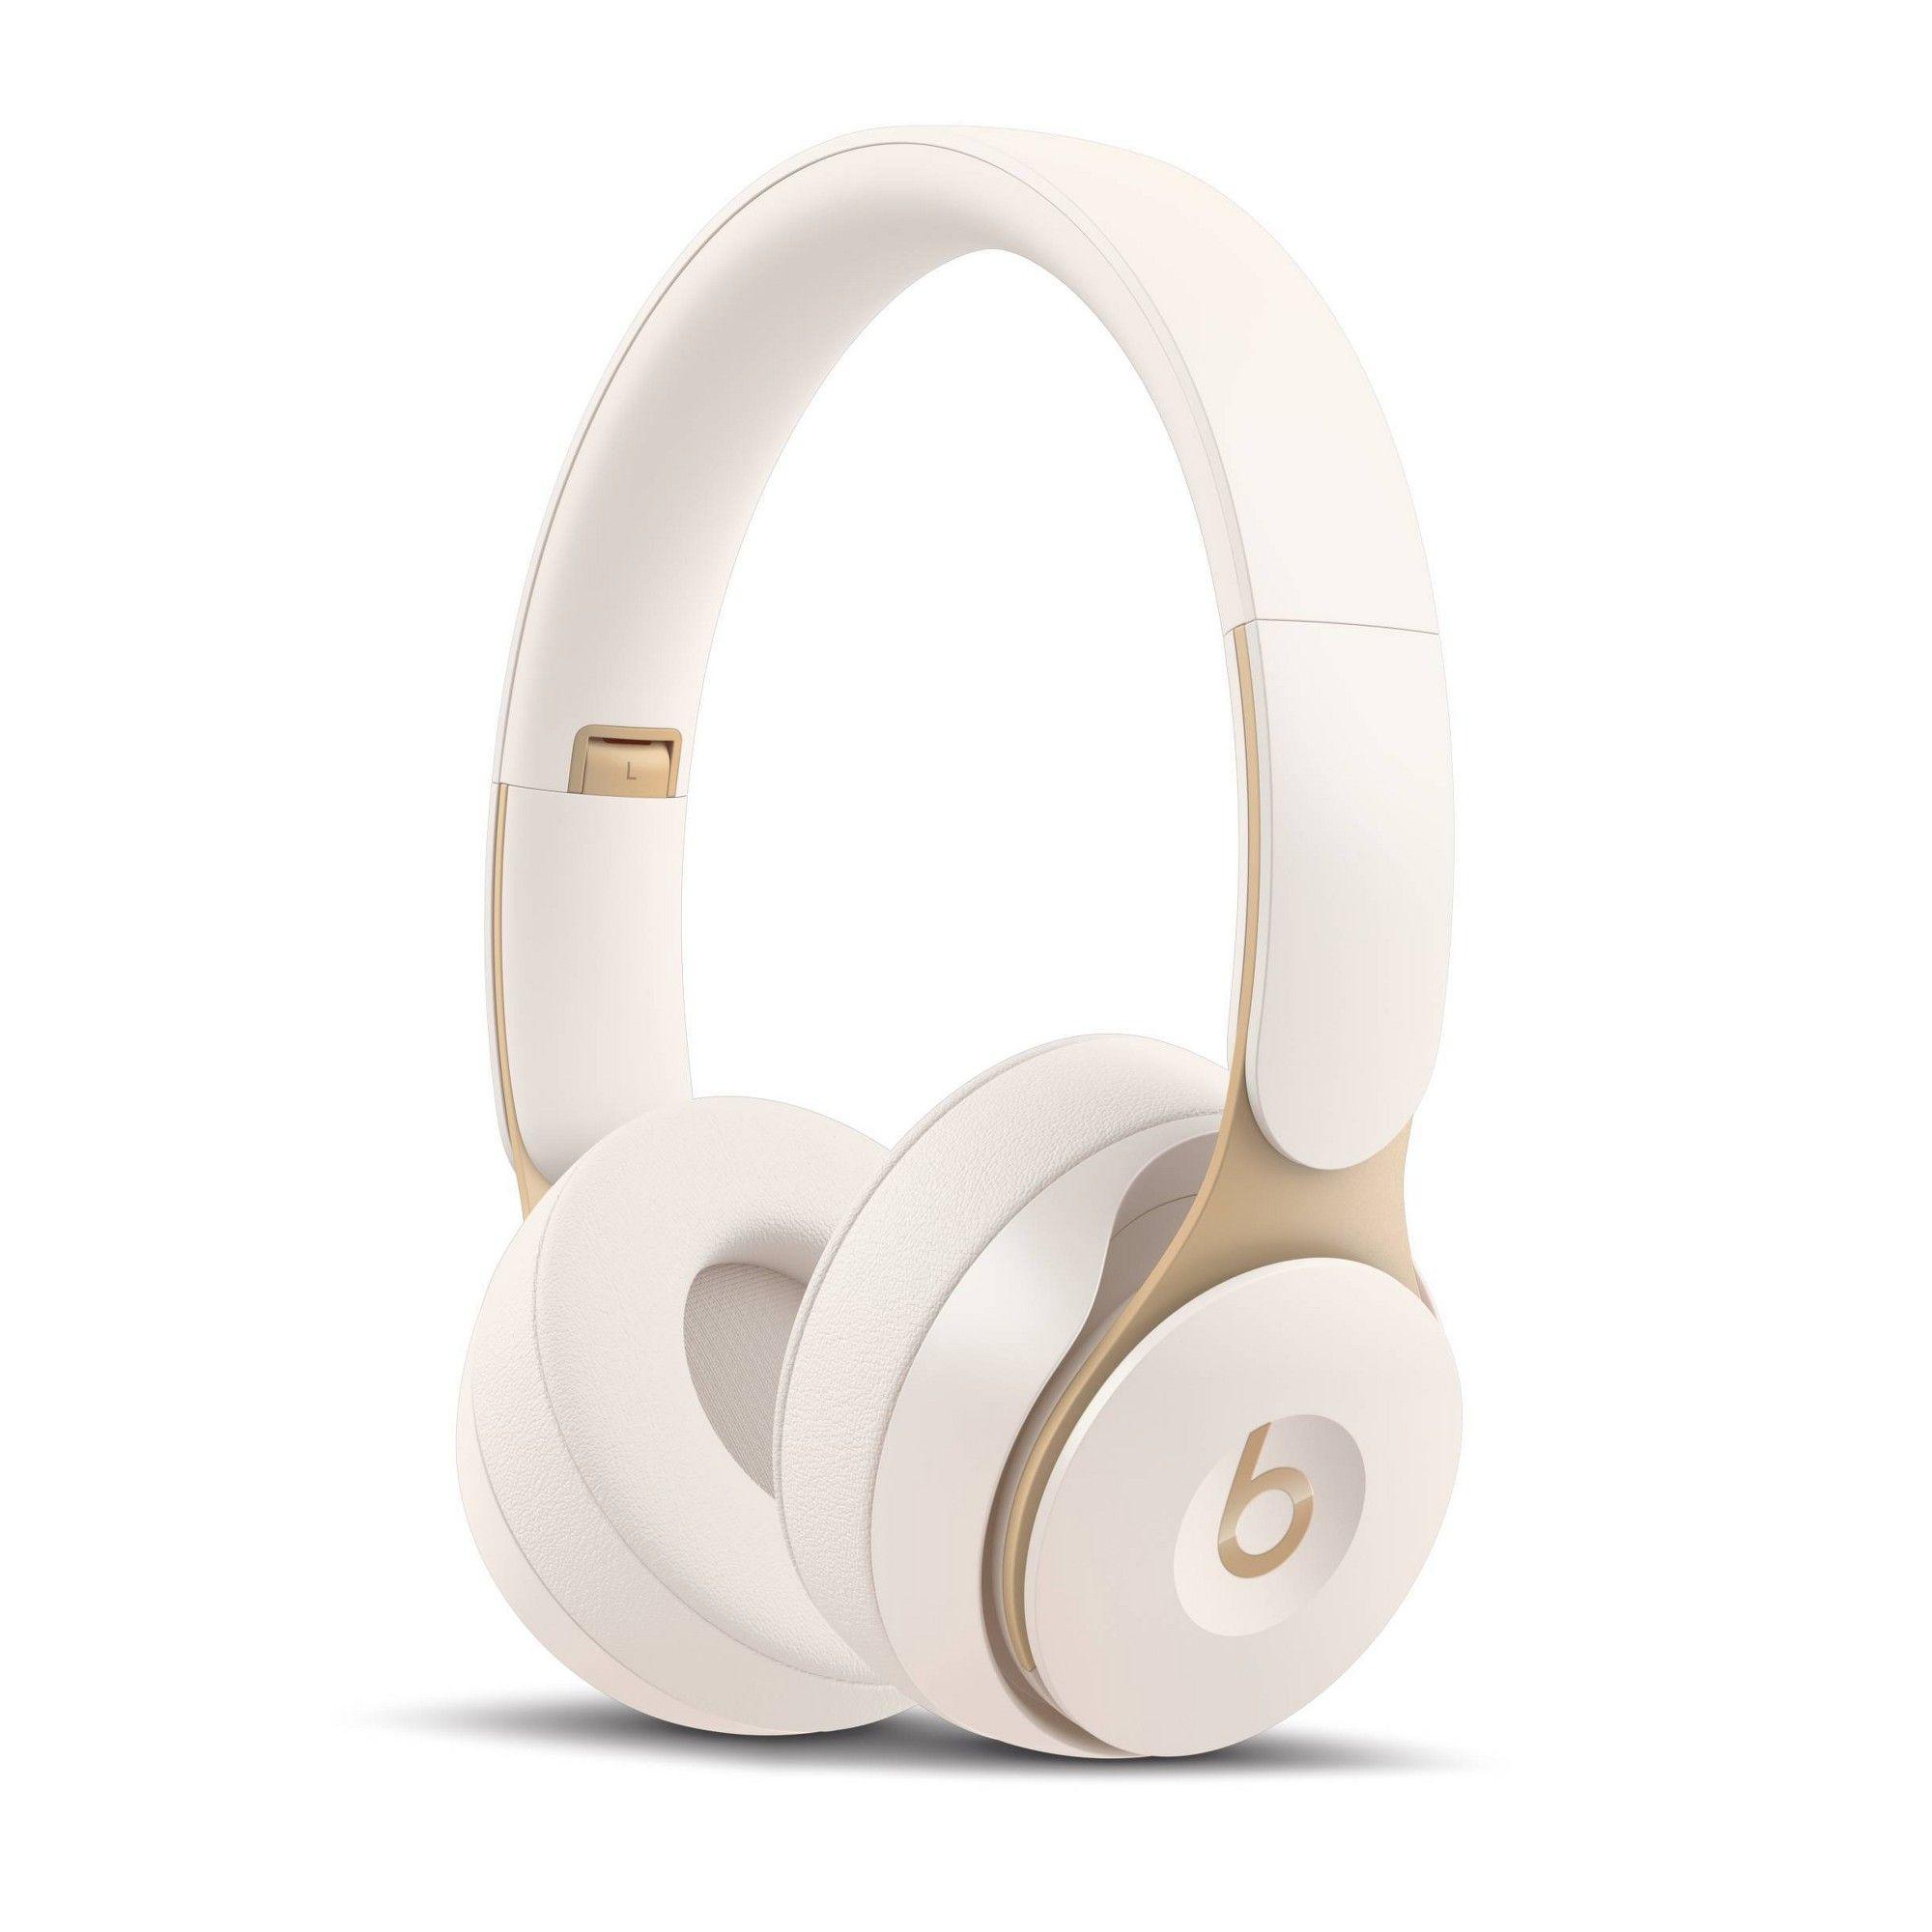 Beats Solo Pro On Ear Wireless Headphones Ivory In 2021 Headphones Noise Cancelling Wireless Headphones